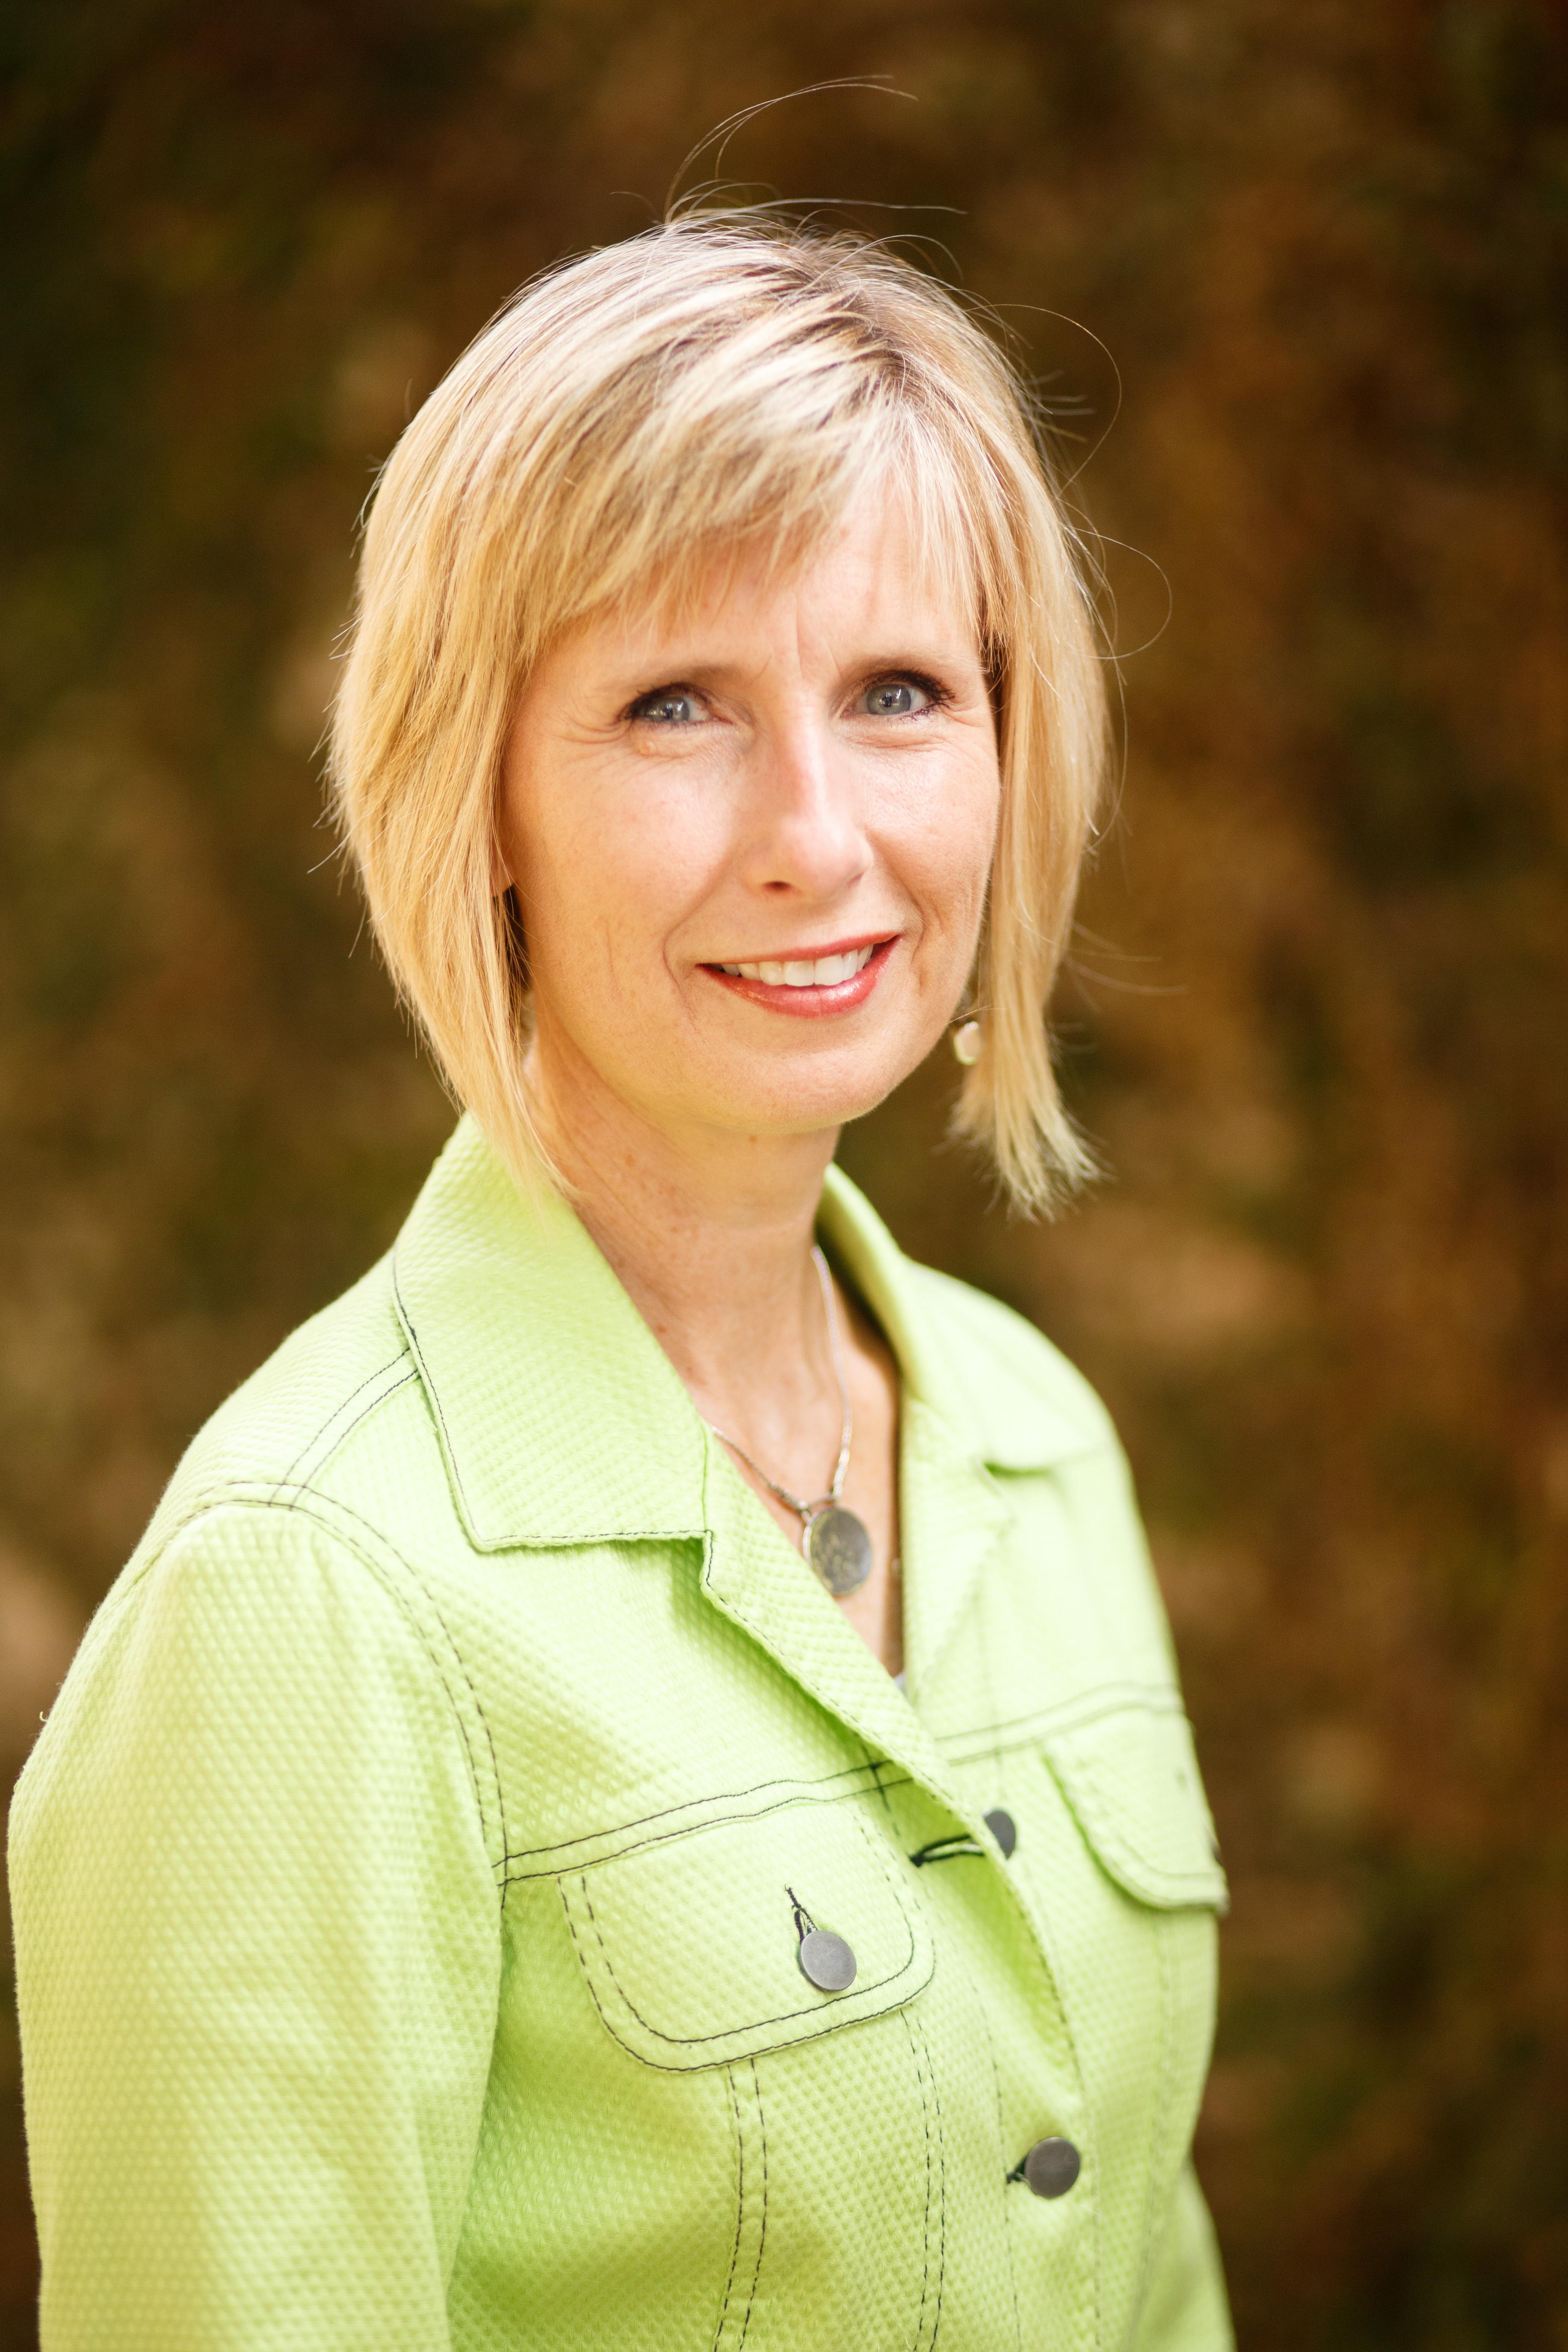 Belinda Reininger